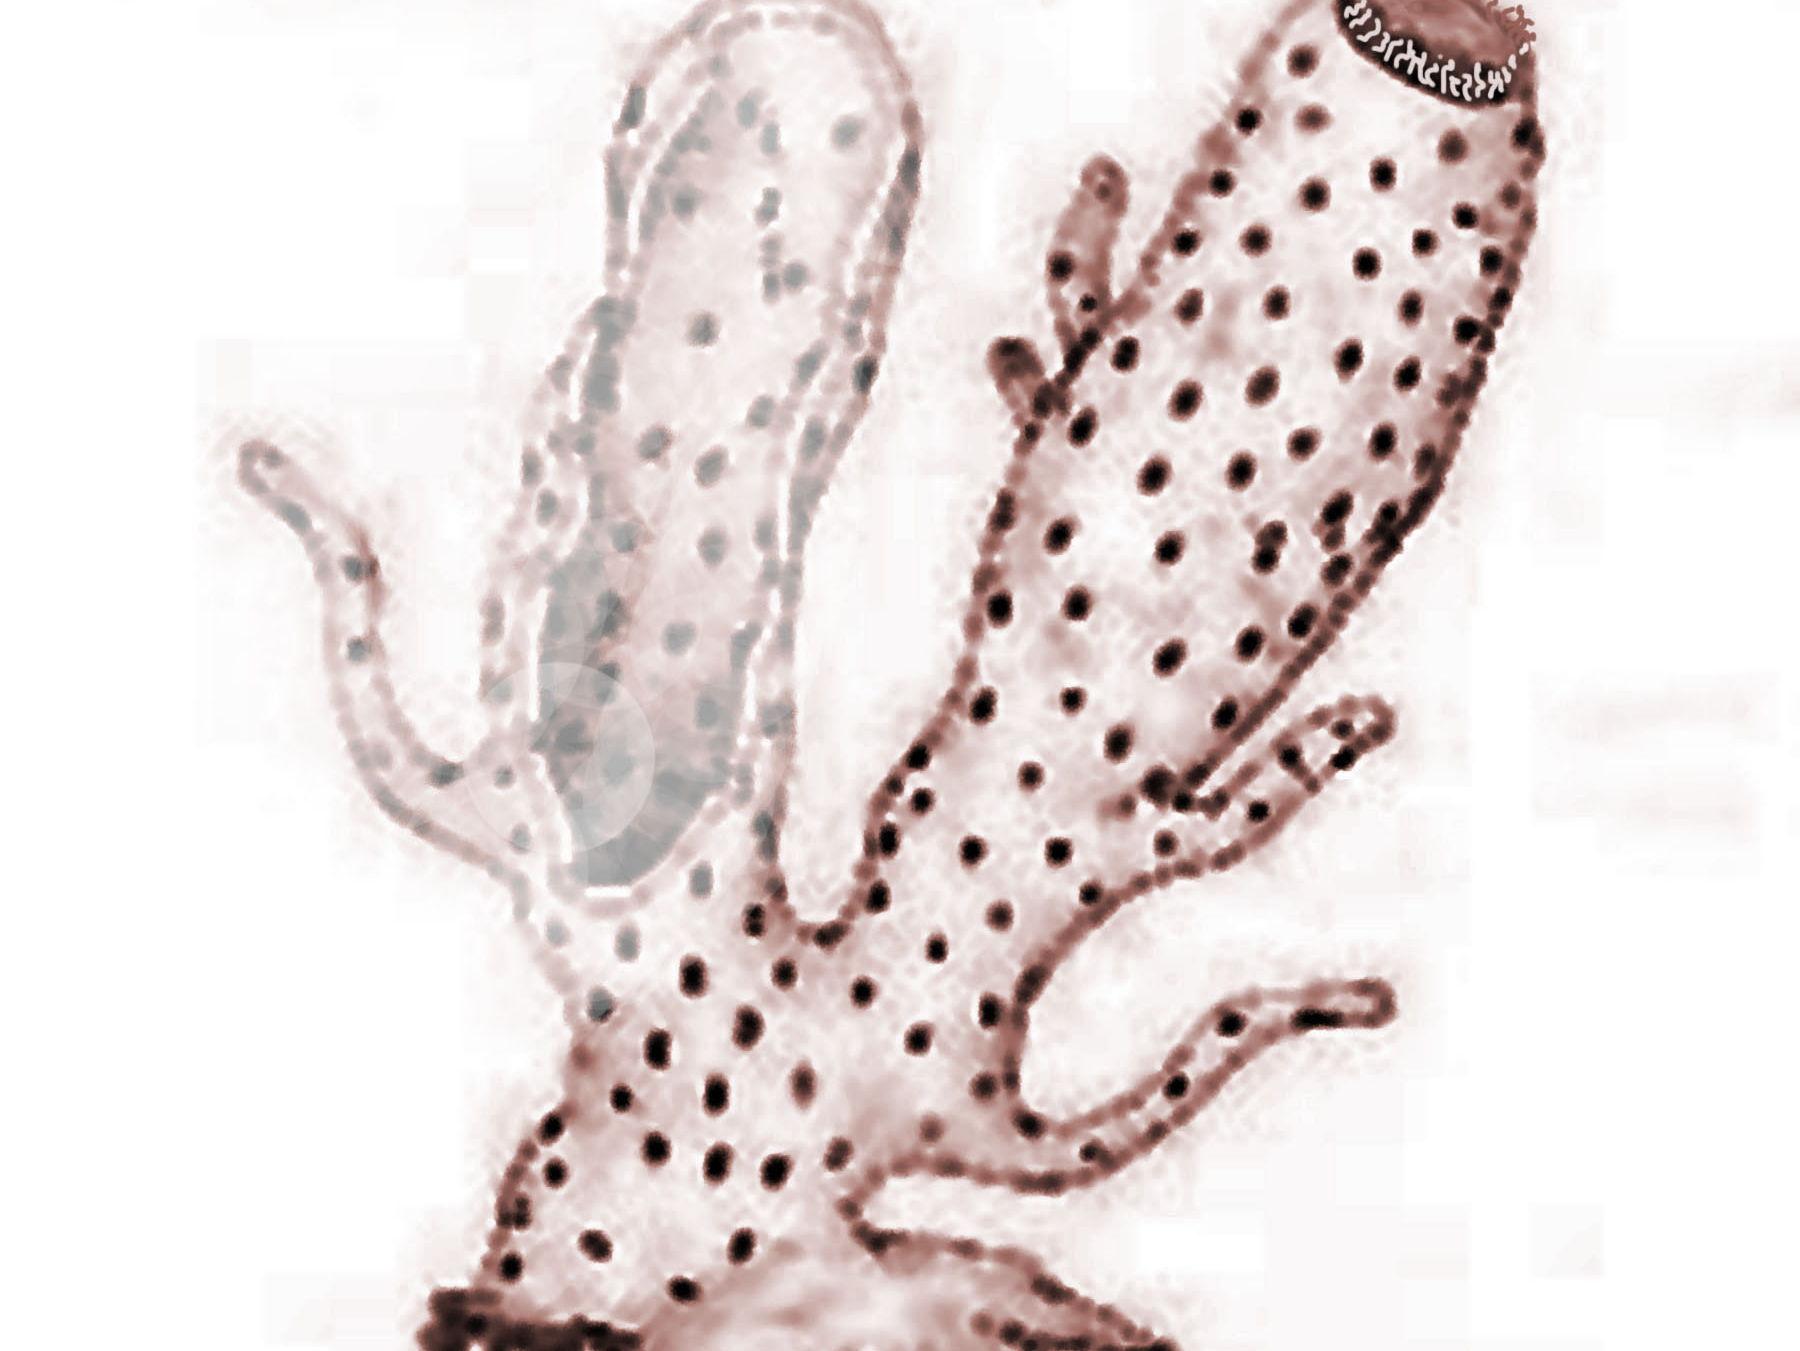 Invertebrates - external parts